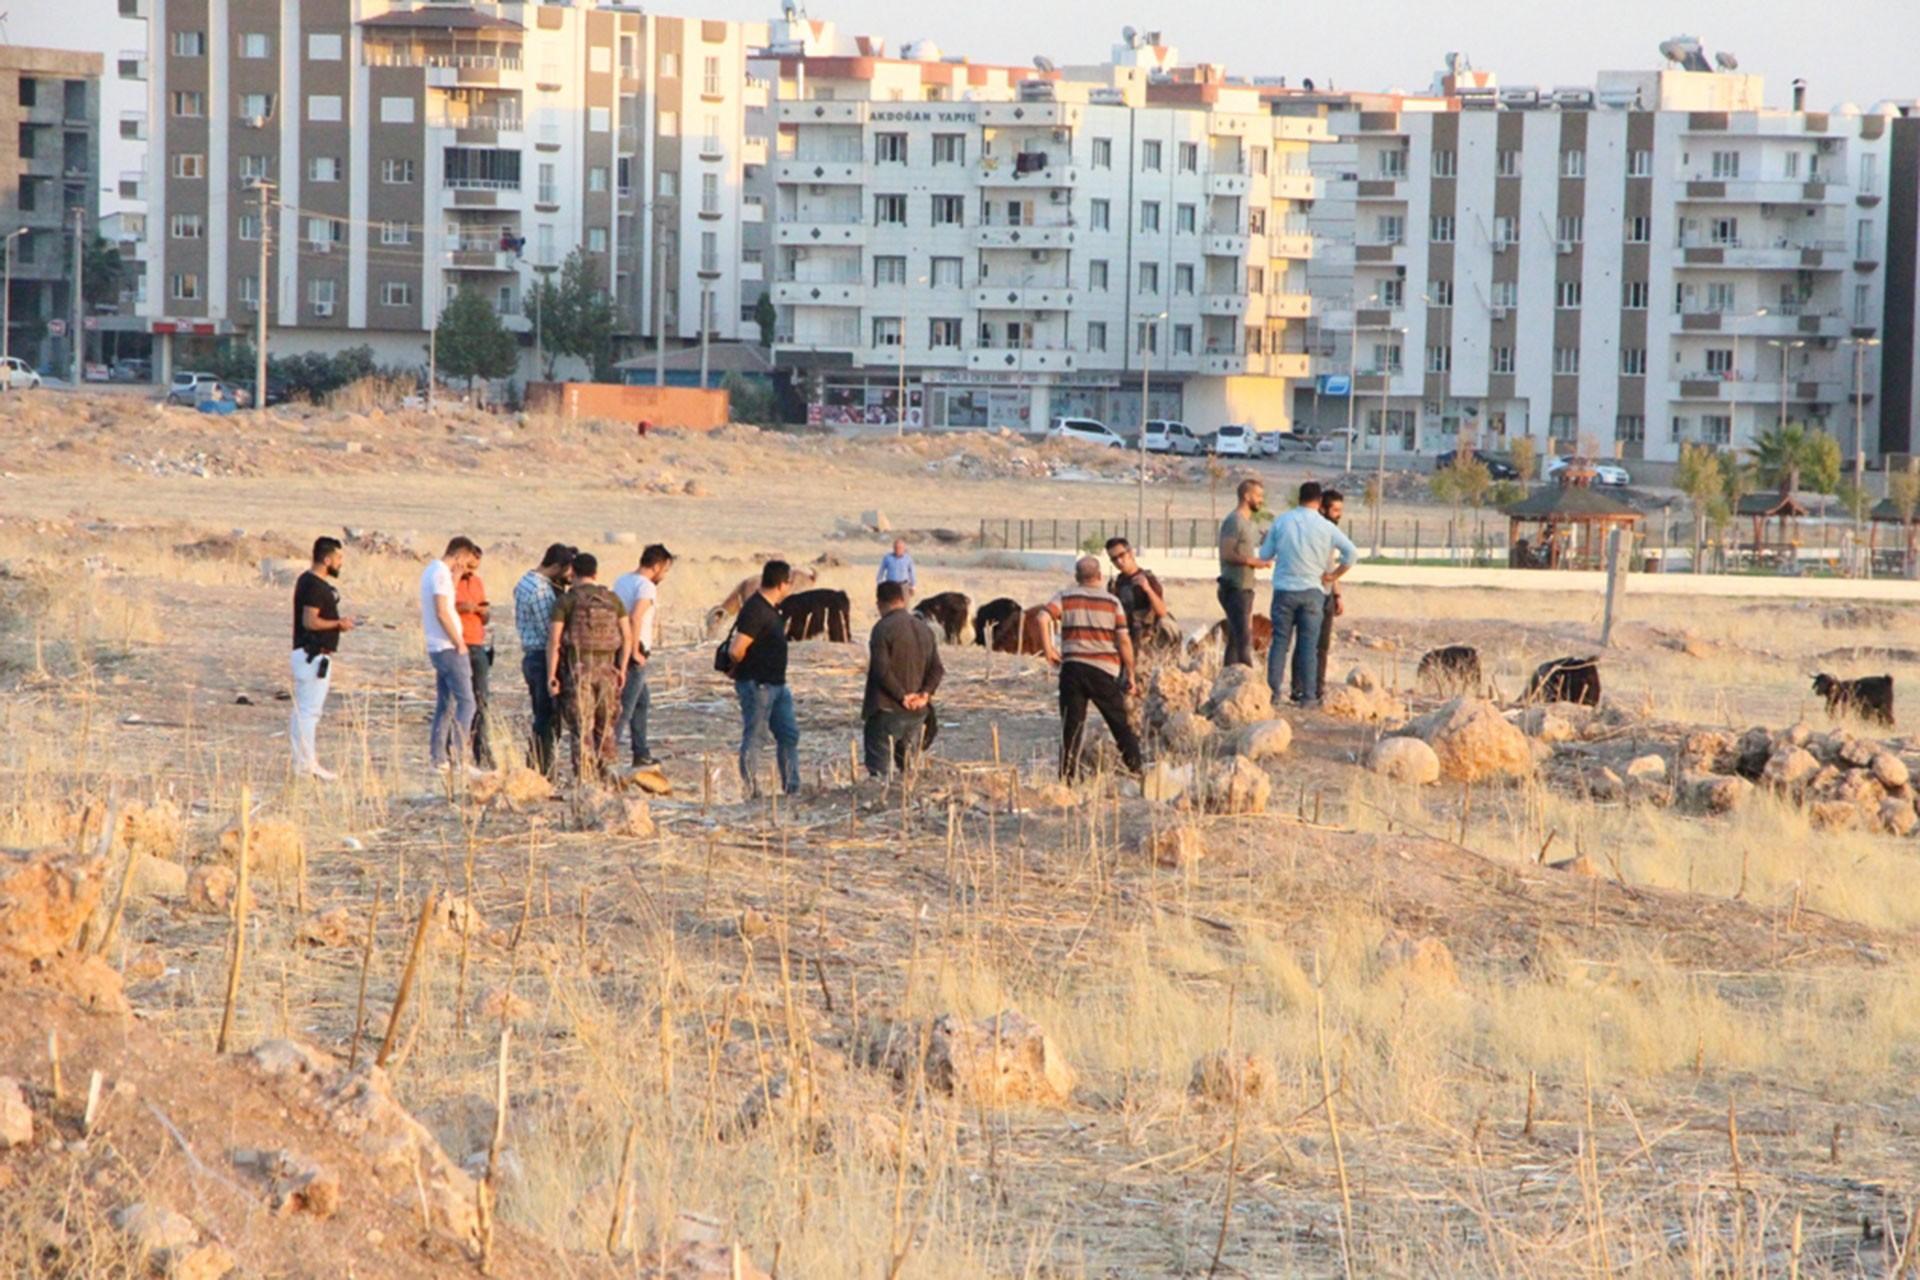 Mardin'de bulduğu cisim elinde patlayan çobanın hayati tehlikesi sürüyor